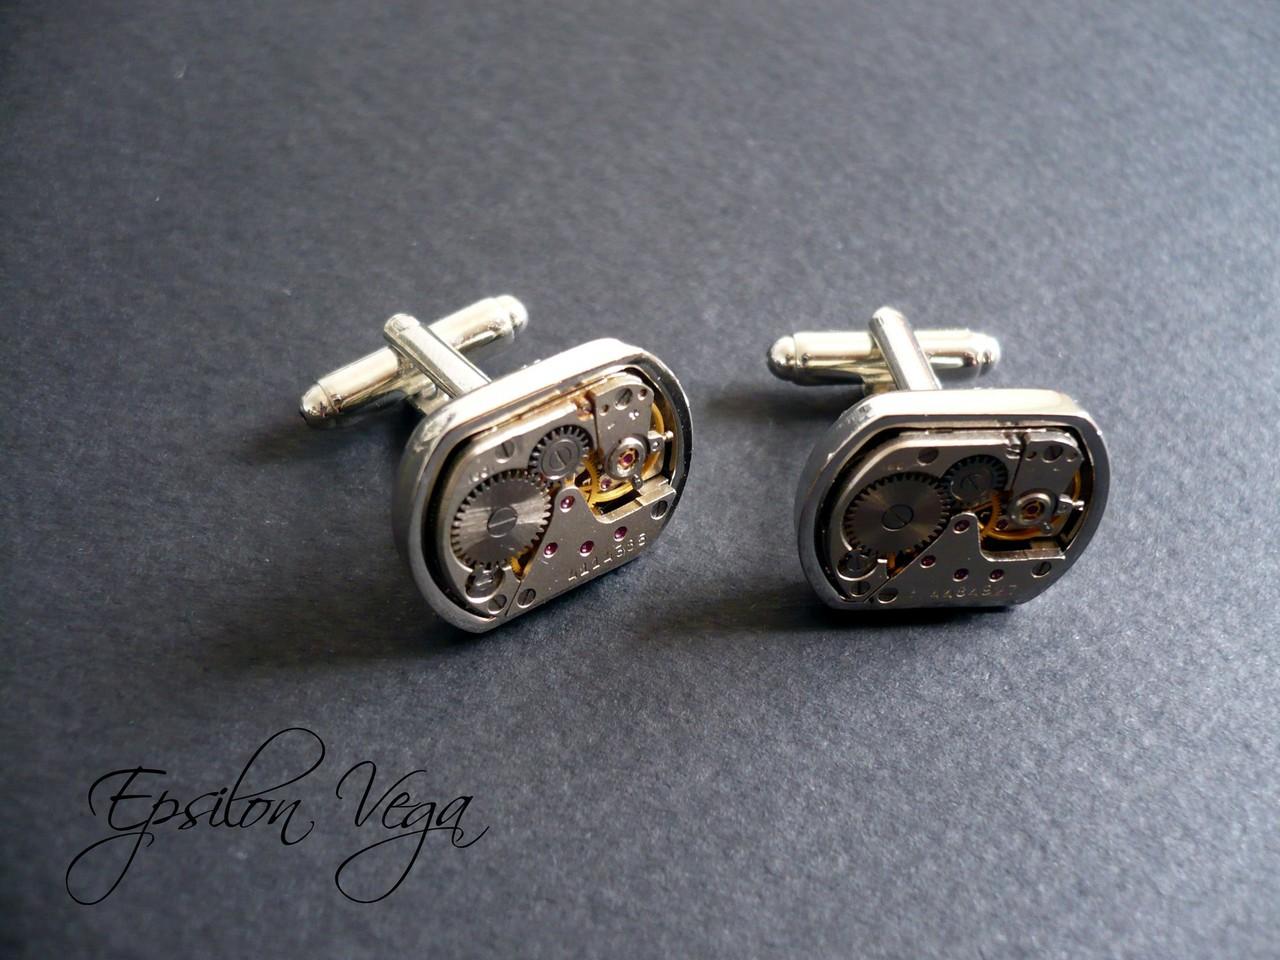 boutons de manchette epsilon vega bijoux rouages steampunk. Black Bedroom Furniture Sets. Home Design Ideas